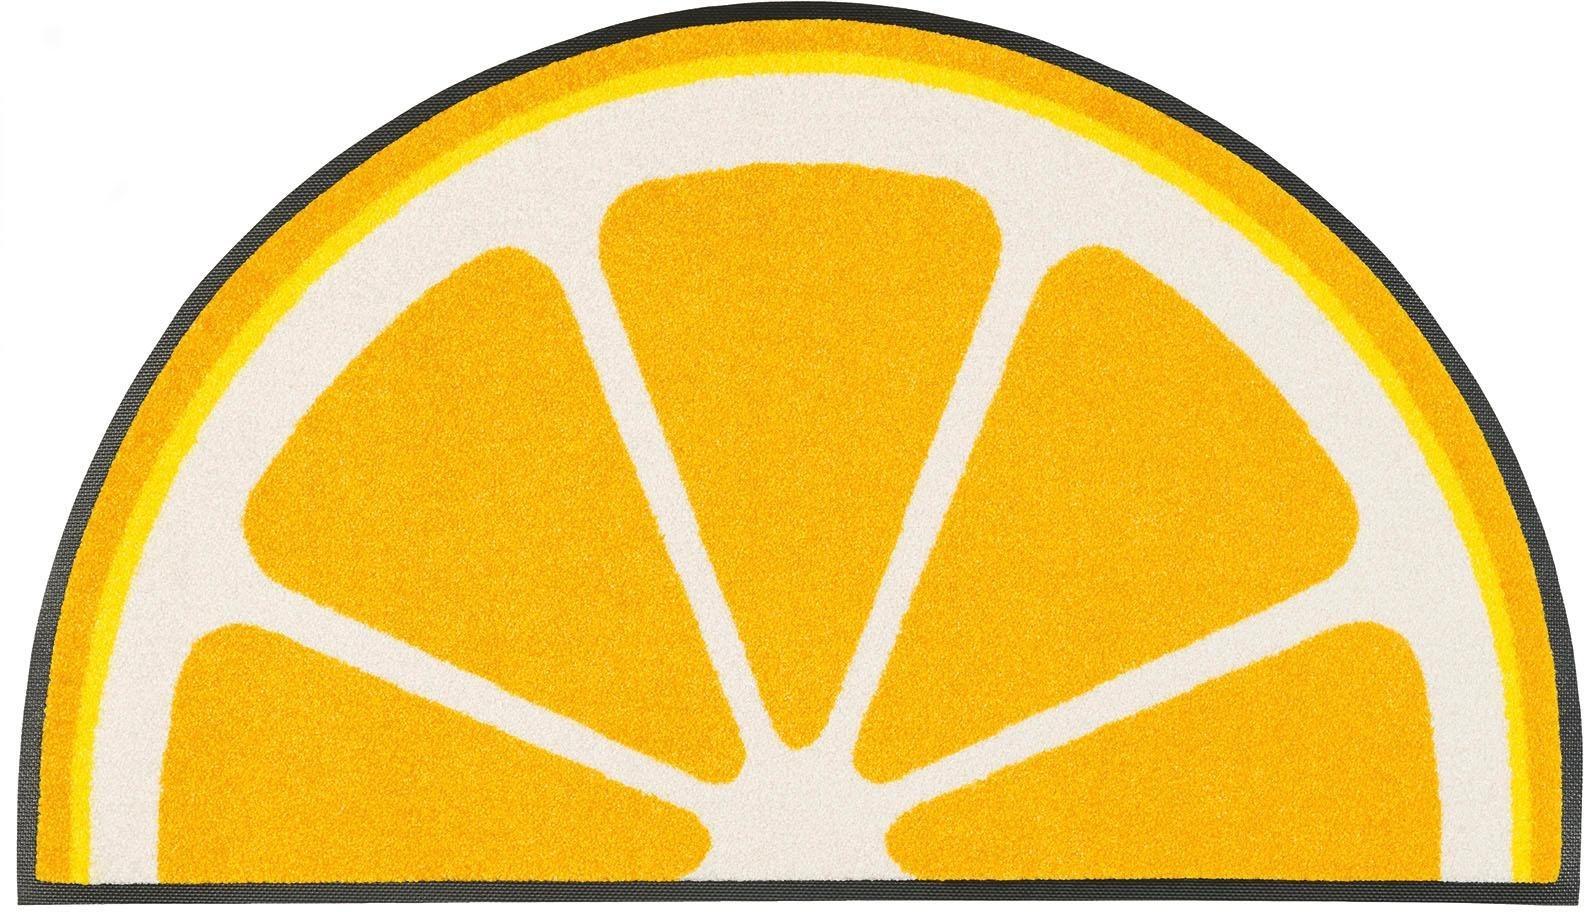 Fußmatte »Lemon«, wash+dry by Kleen-Tex, rechteckig, Höhe 7 mm, Halbmond | Heimtextilien > Fussmatten | wash+dry by Kleen-Tex